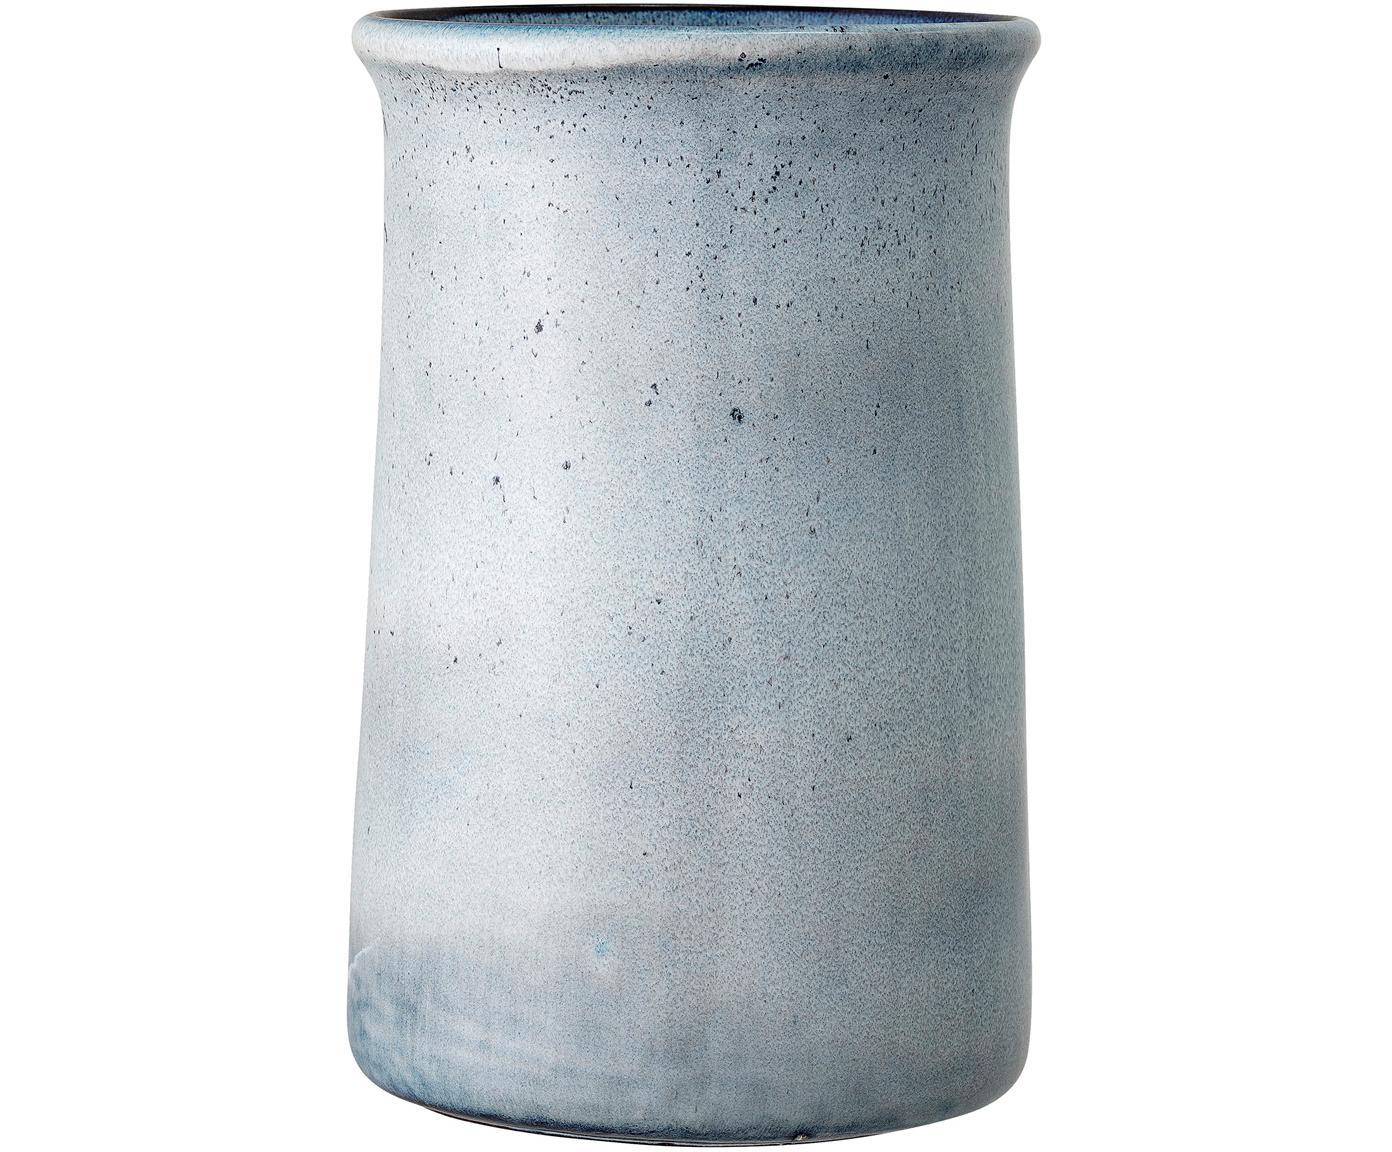 Cooler Sandrine, Kamionka, Niebieski, Ø 15 x W 23 cm